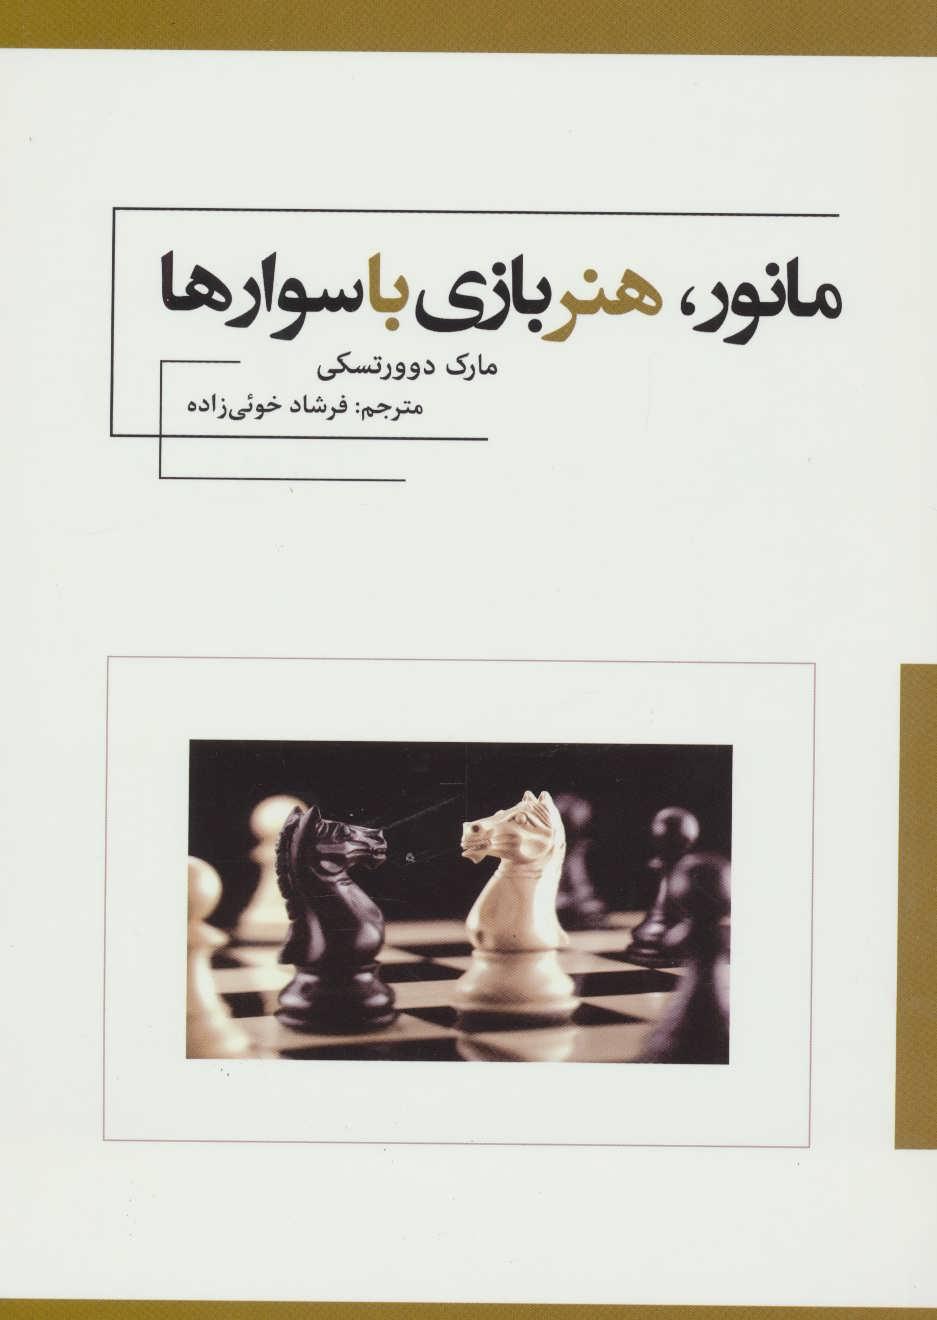 کتاب مانور، هنر بازی با سوارها